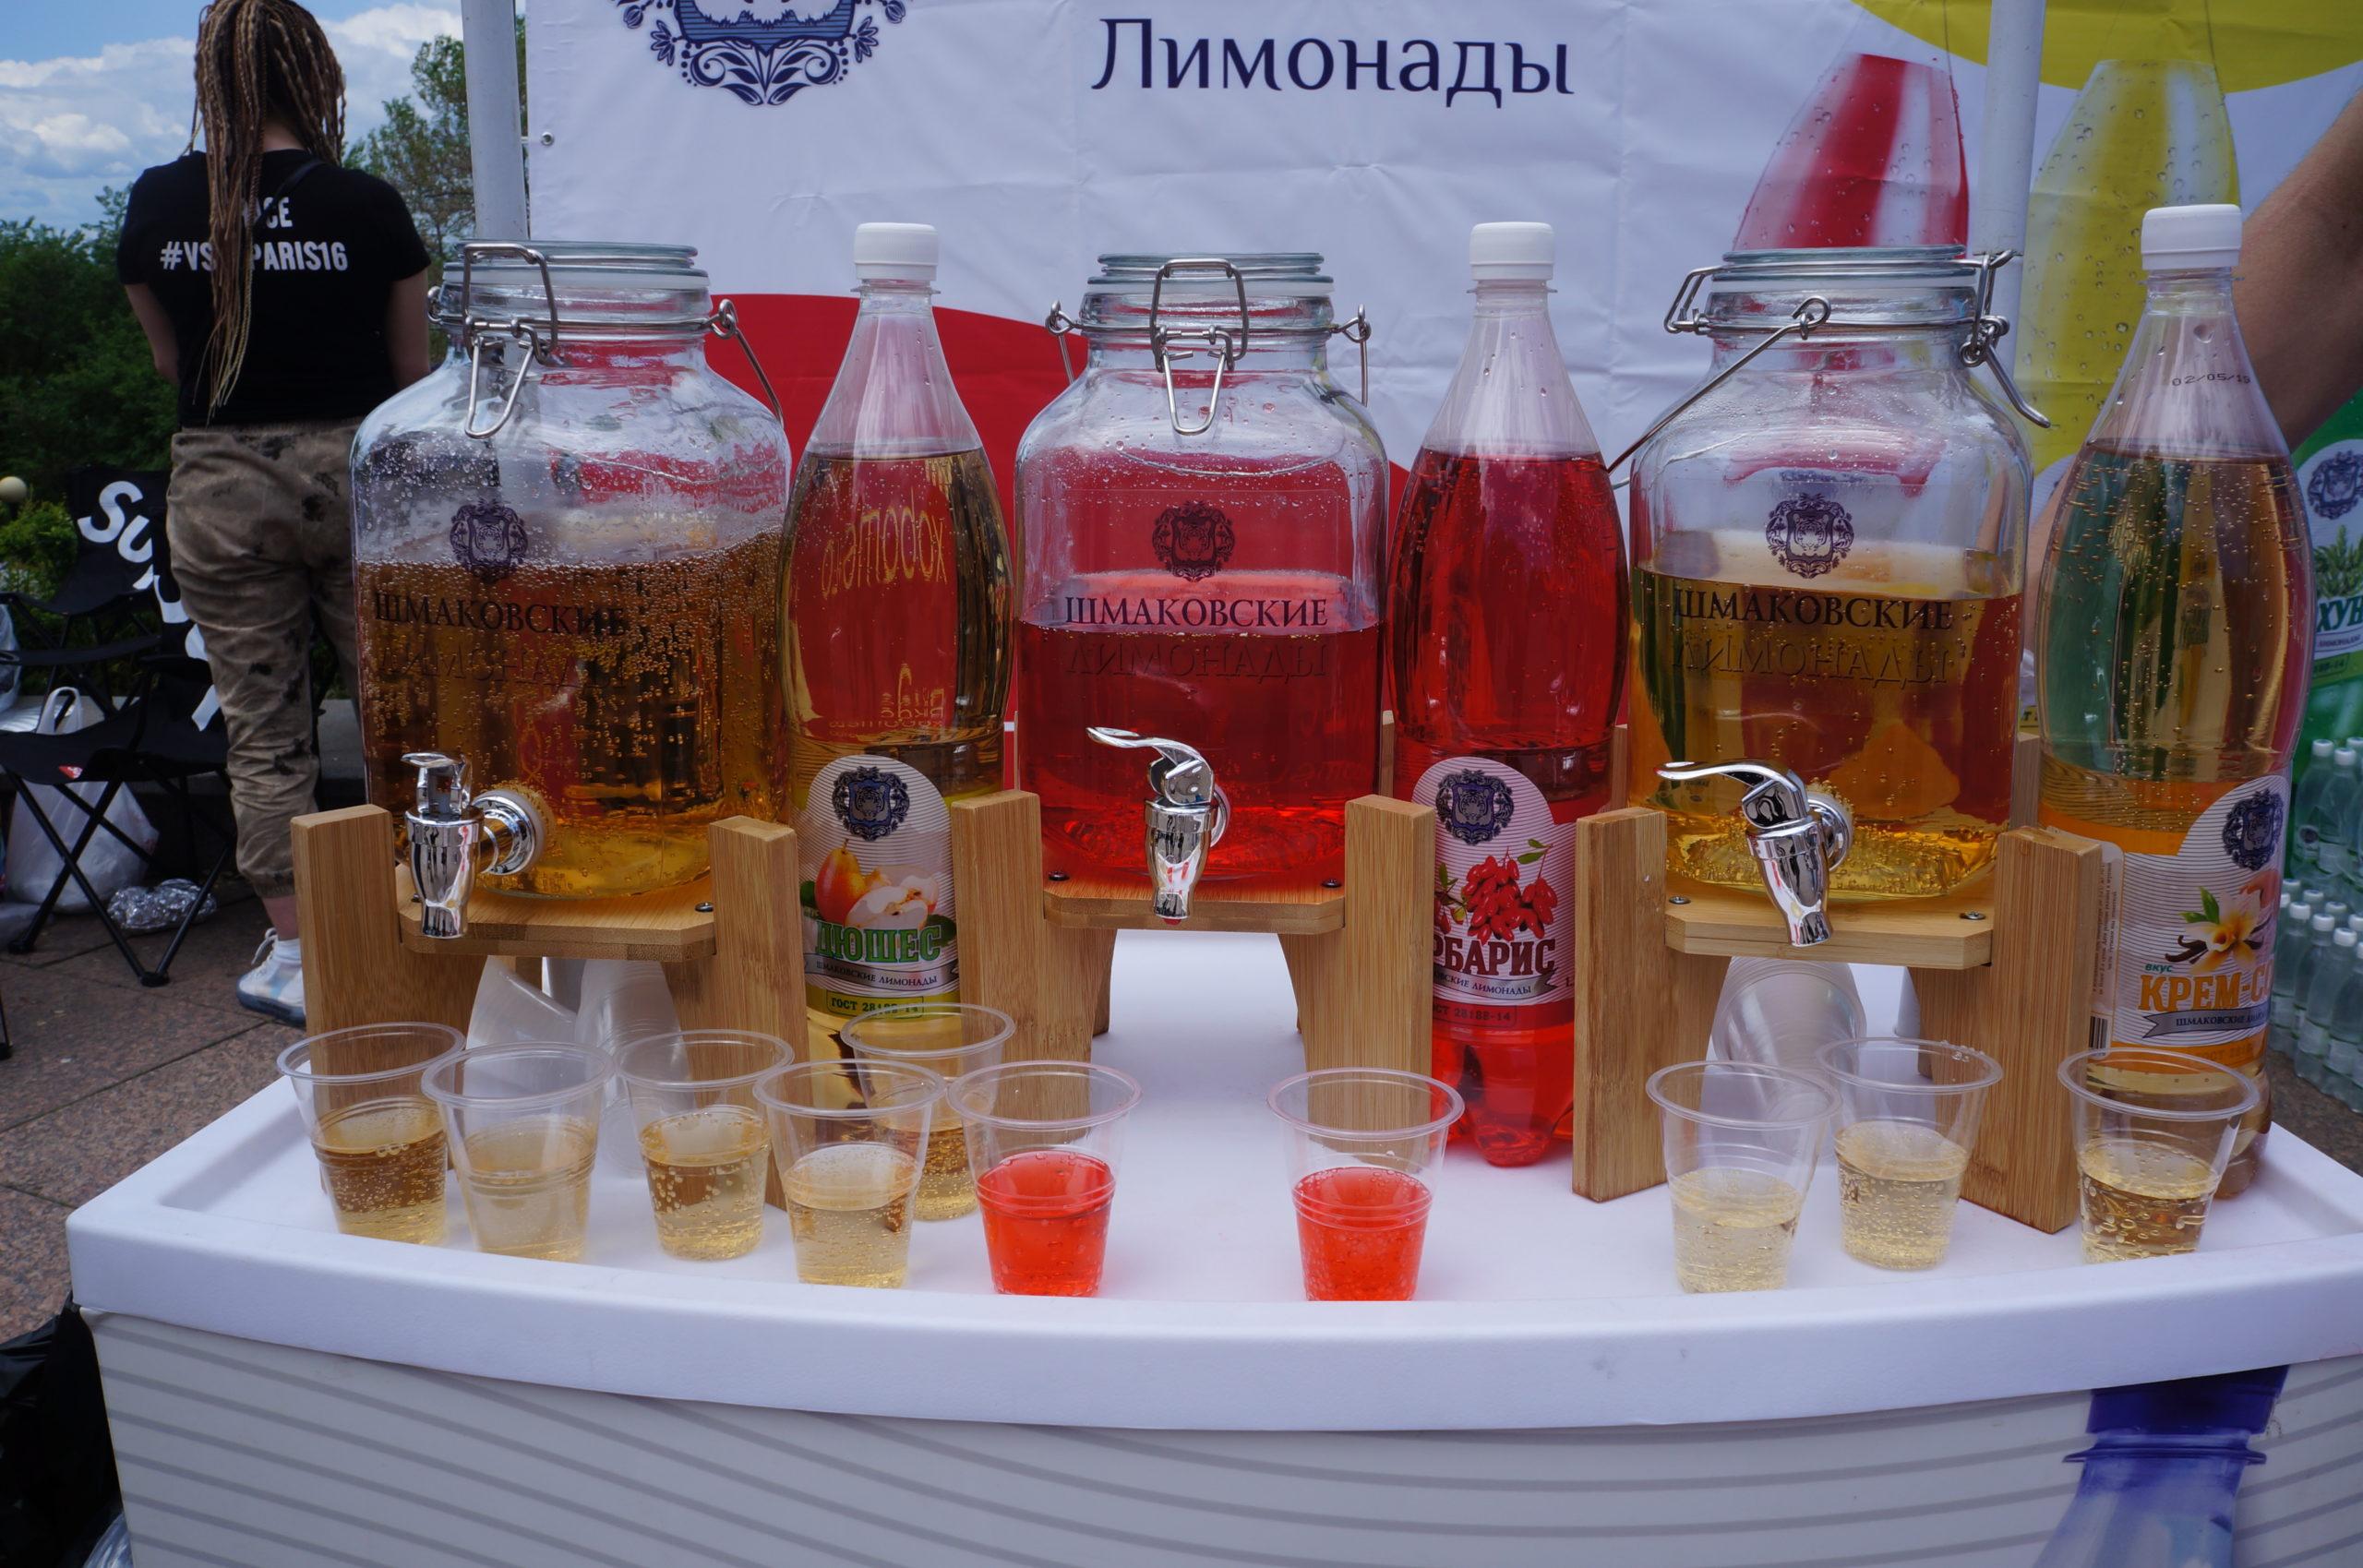 什马科夫弗斯卡亚碳酸水的味道:广梨水、小檗果水、布拉蒂诺